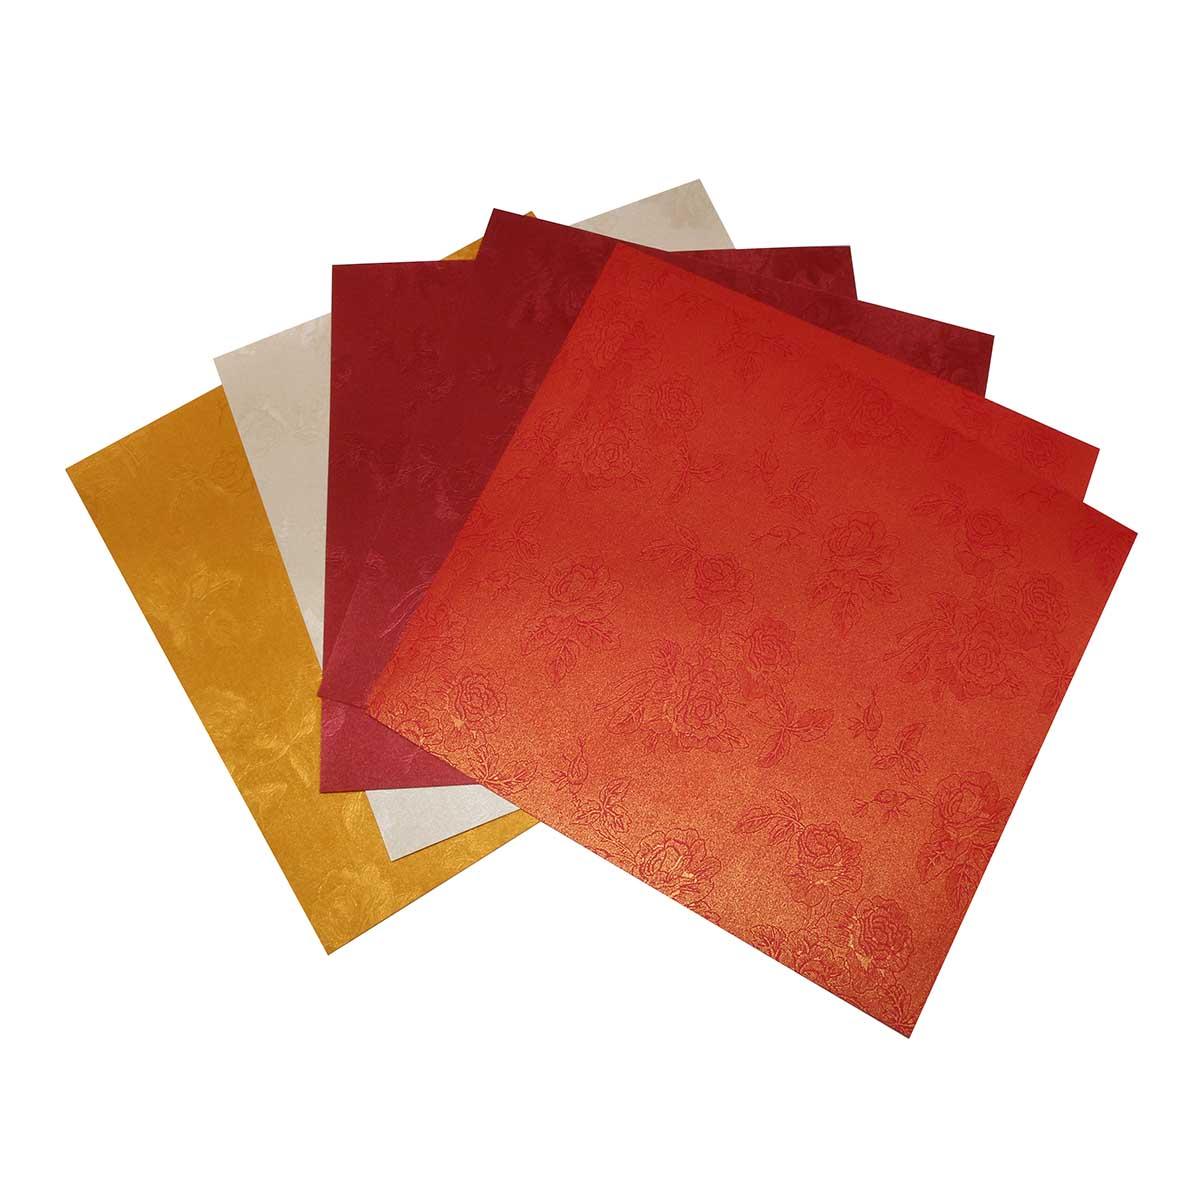 Текстурированная бумага для квиллинга 120гр., 20,32см*20,32см 'Роза', маленькая упаковка